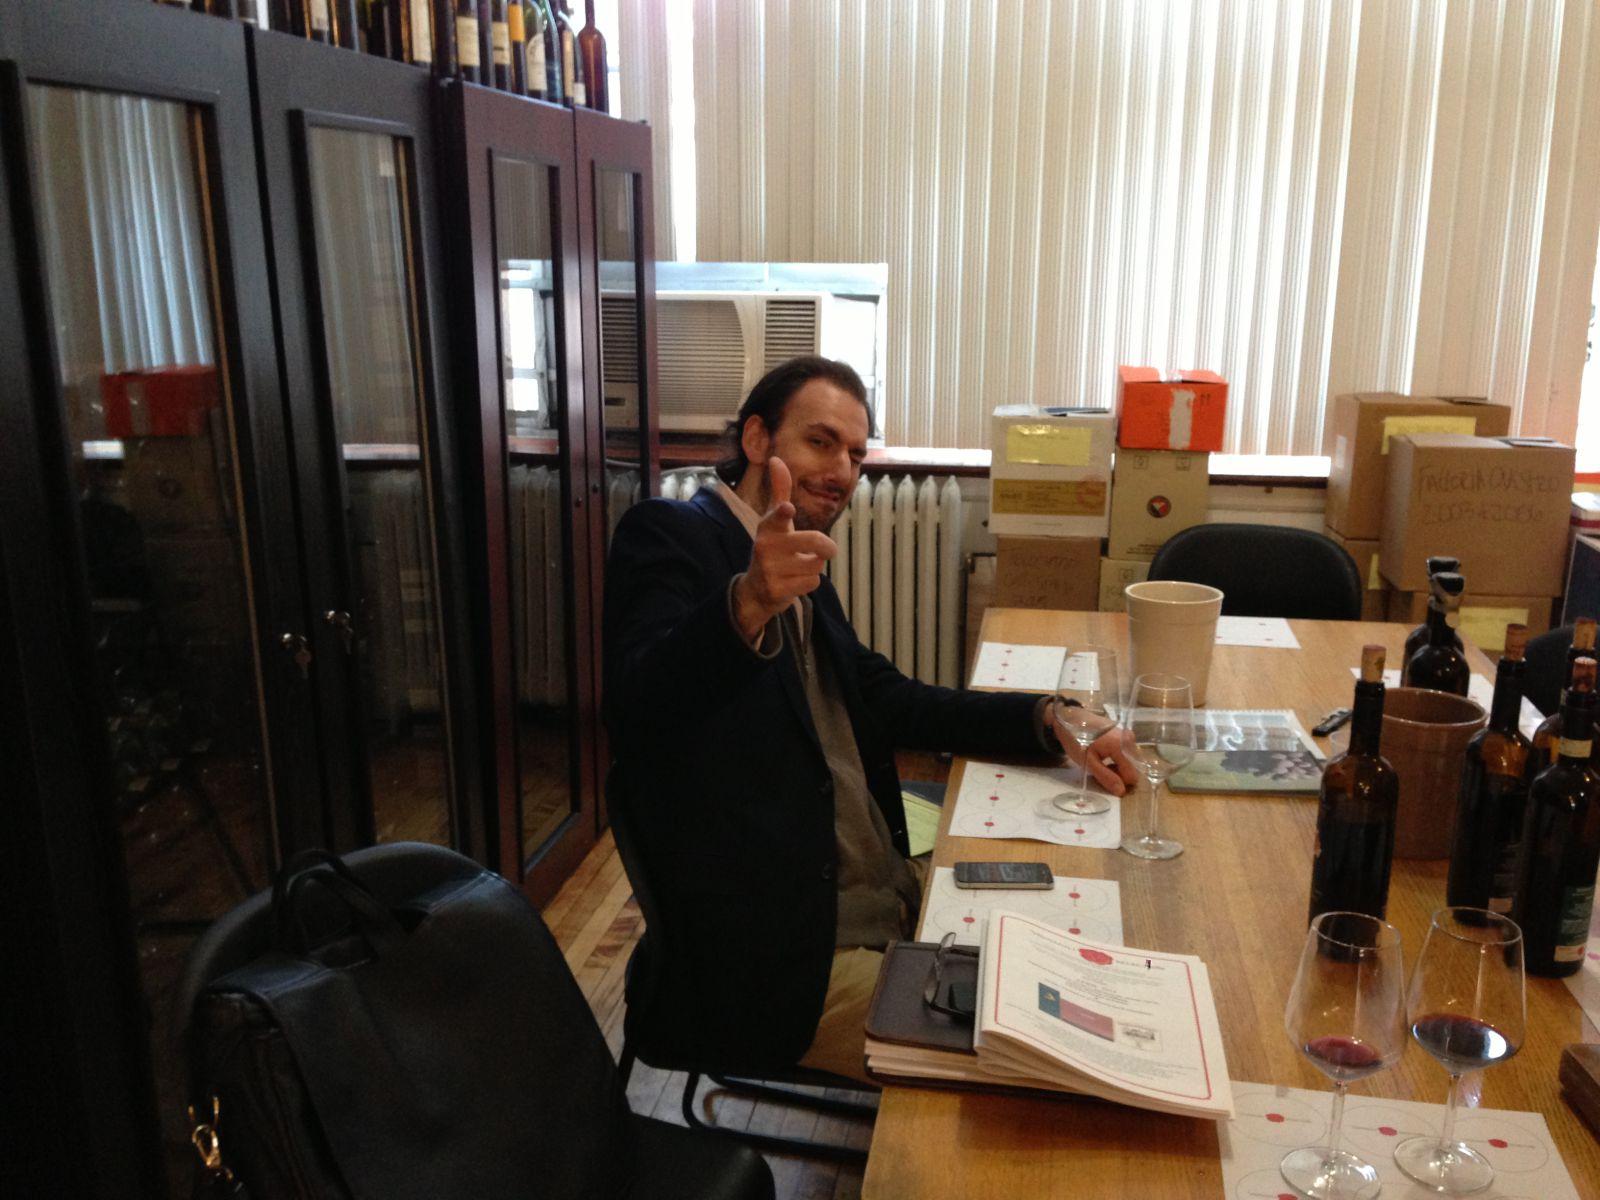 Levi Dalton at Vignaioli office to interview Annette